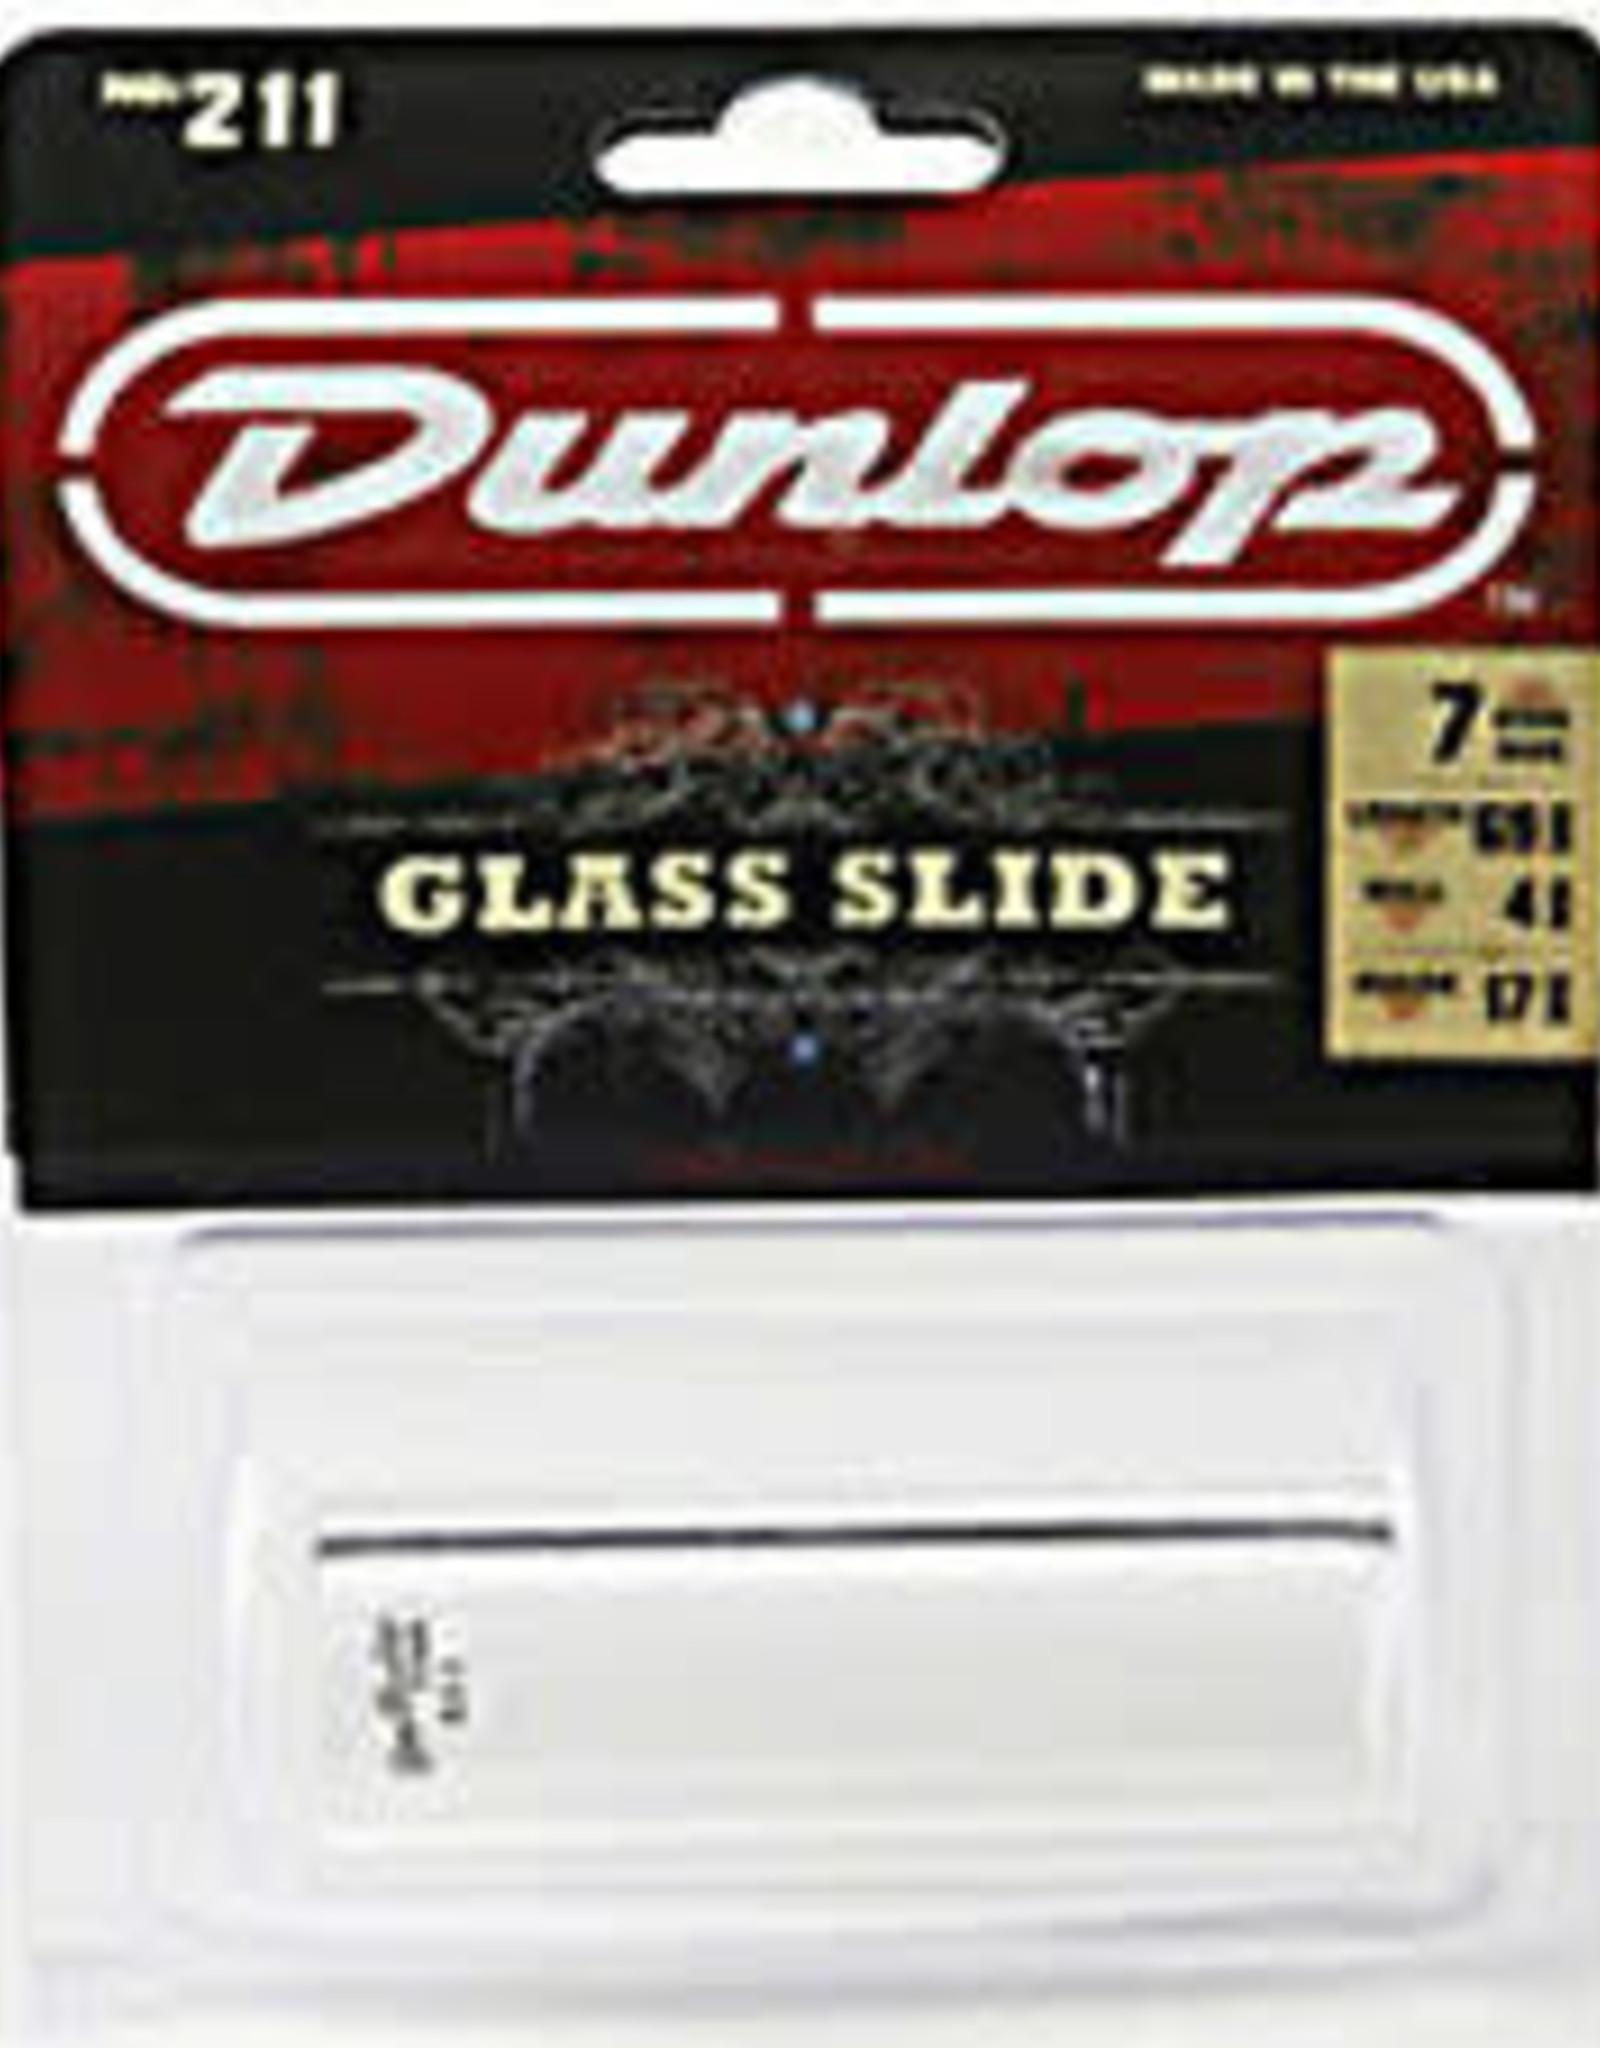 Dunlop Dunlop 211 Pyrex Glass Slide - Small - Heavy Wall Thickness